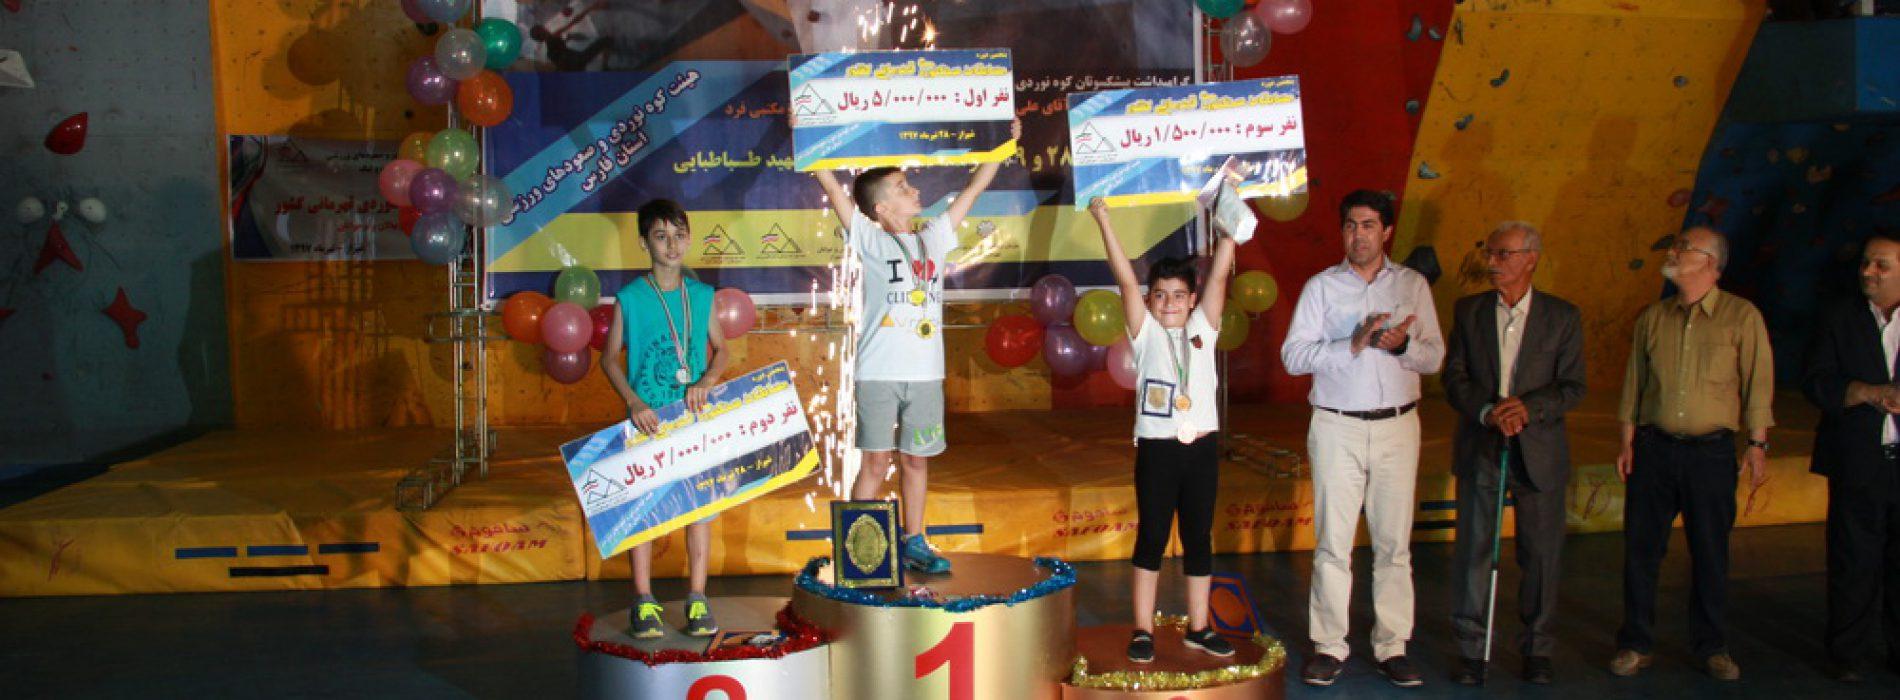 نتایج پنجمین دوره مسابقات سنگنوردی قهرمانی کشوری رده سنی نونهالان نوجوانان بخش پسران-شیراز/تیرماه ۹۷